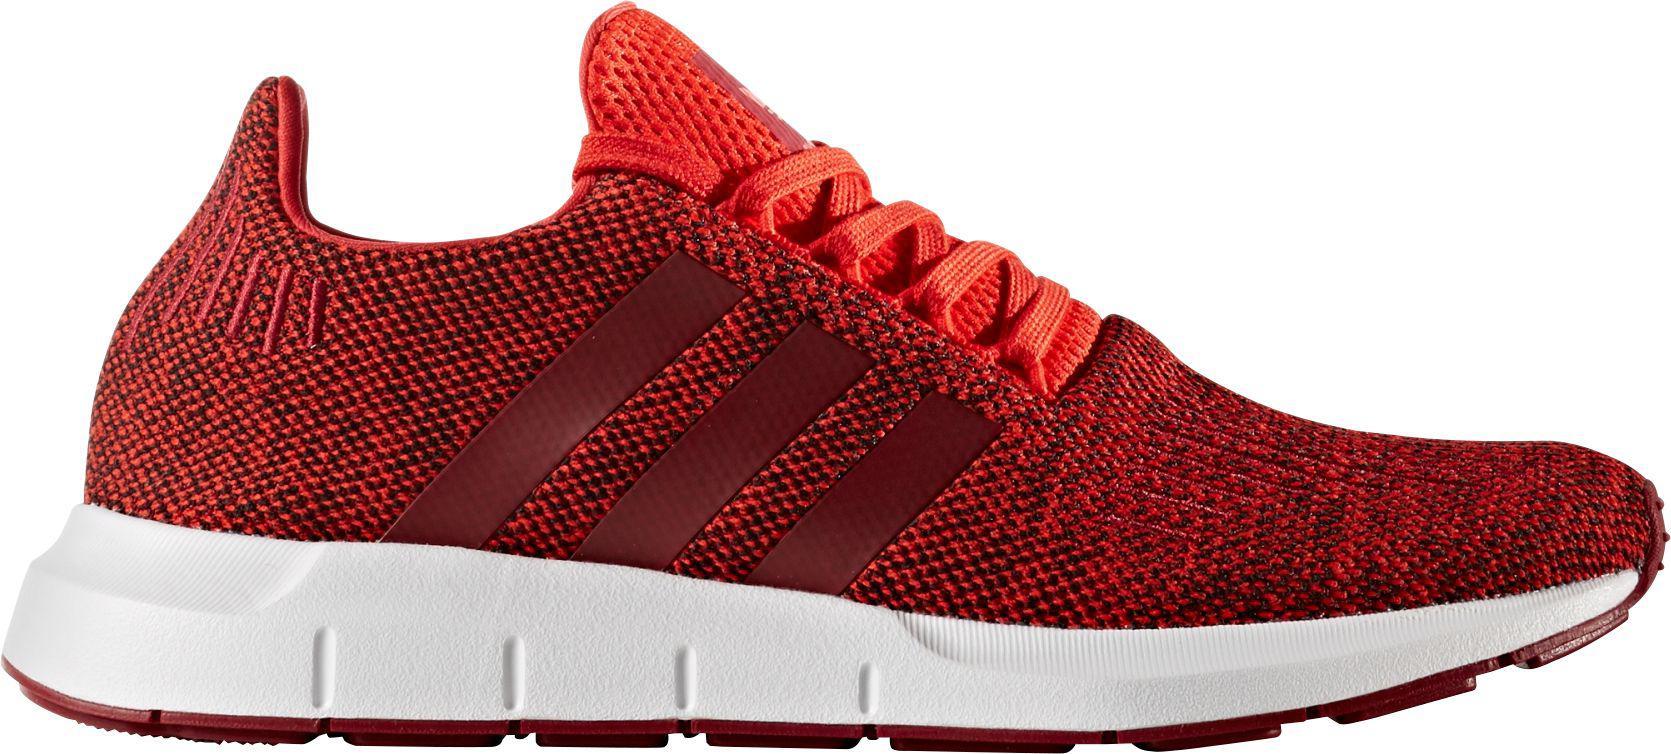 lyst adidas originali originali swift run scarpe in rosso per gli uomini.